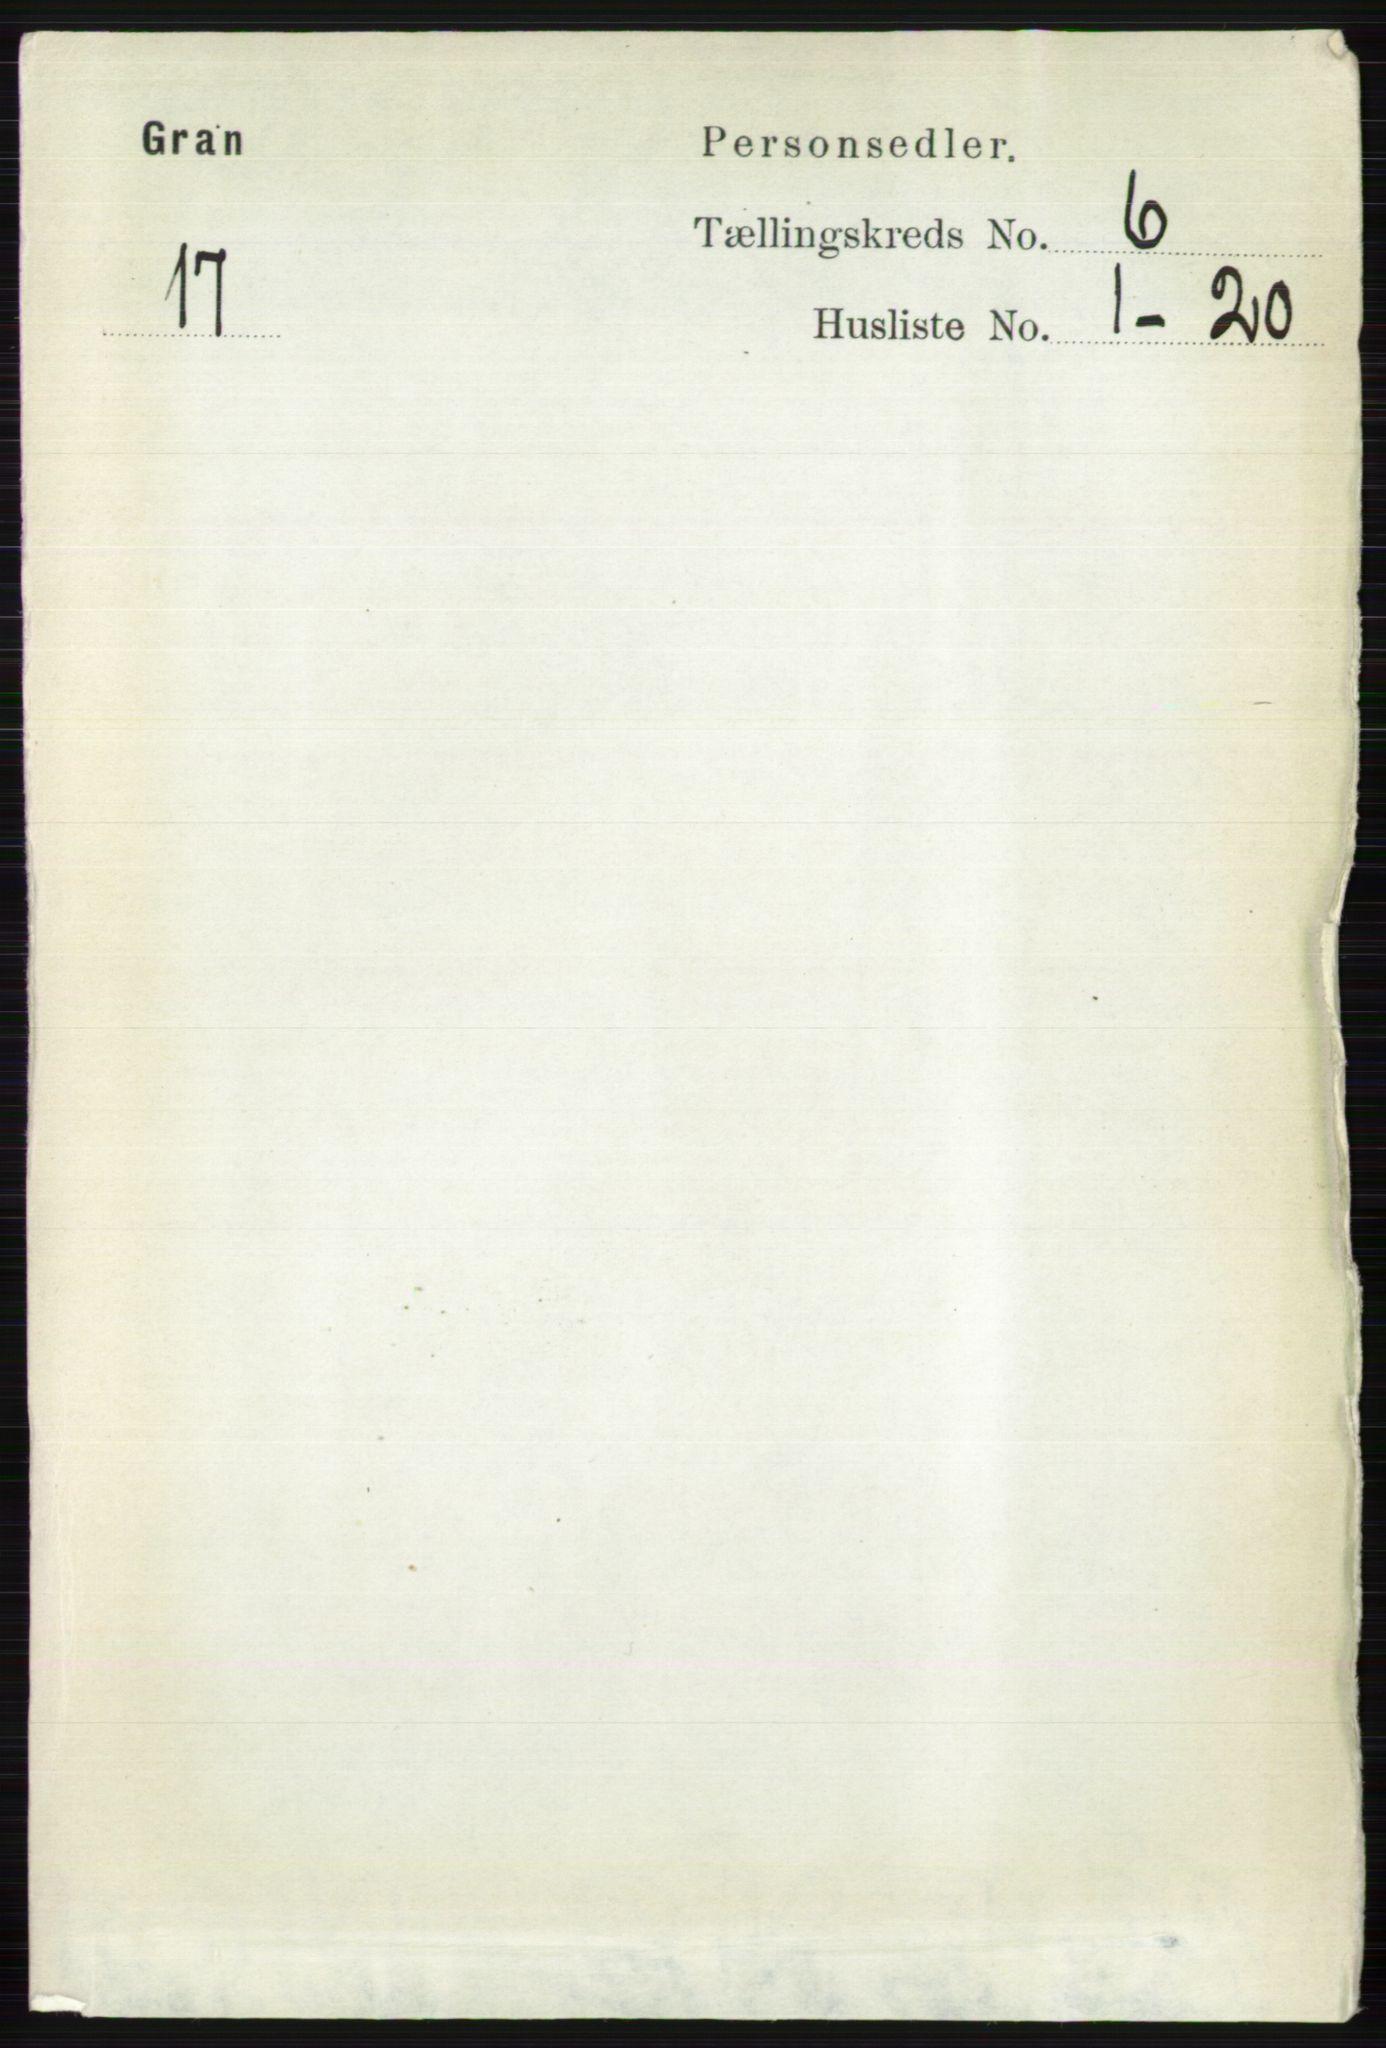 RA, Folketelling 1891 for 0534 Gran herred, 1891, s. 2229